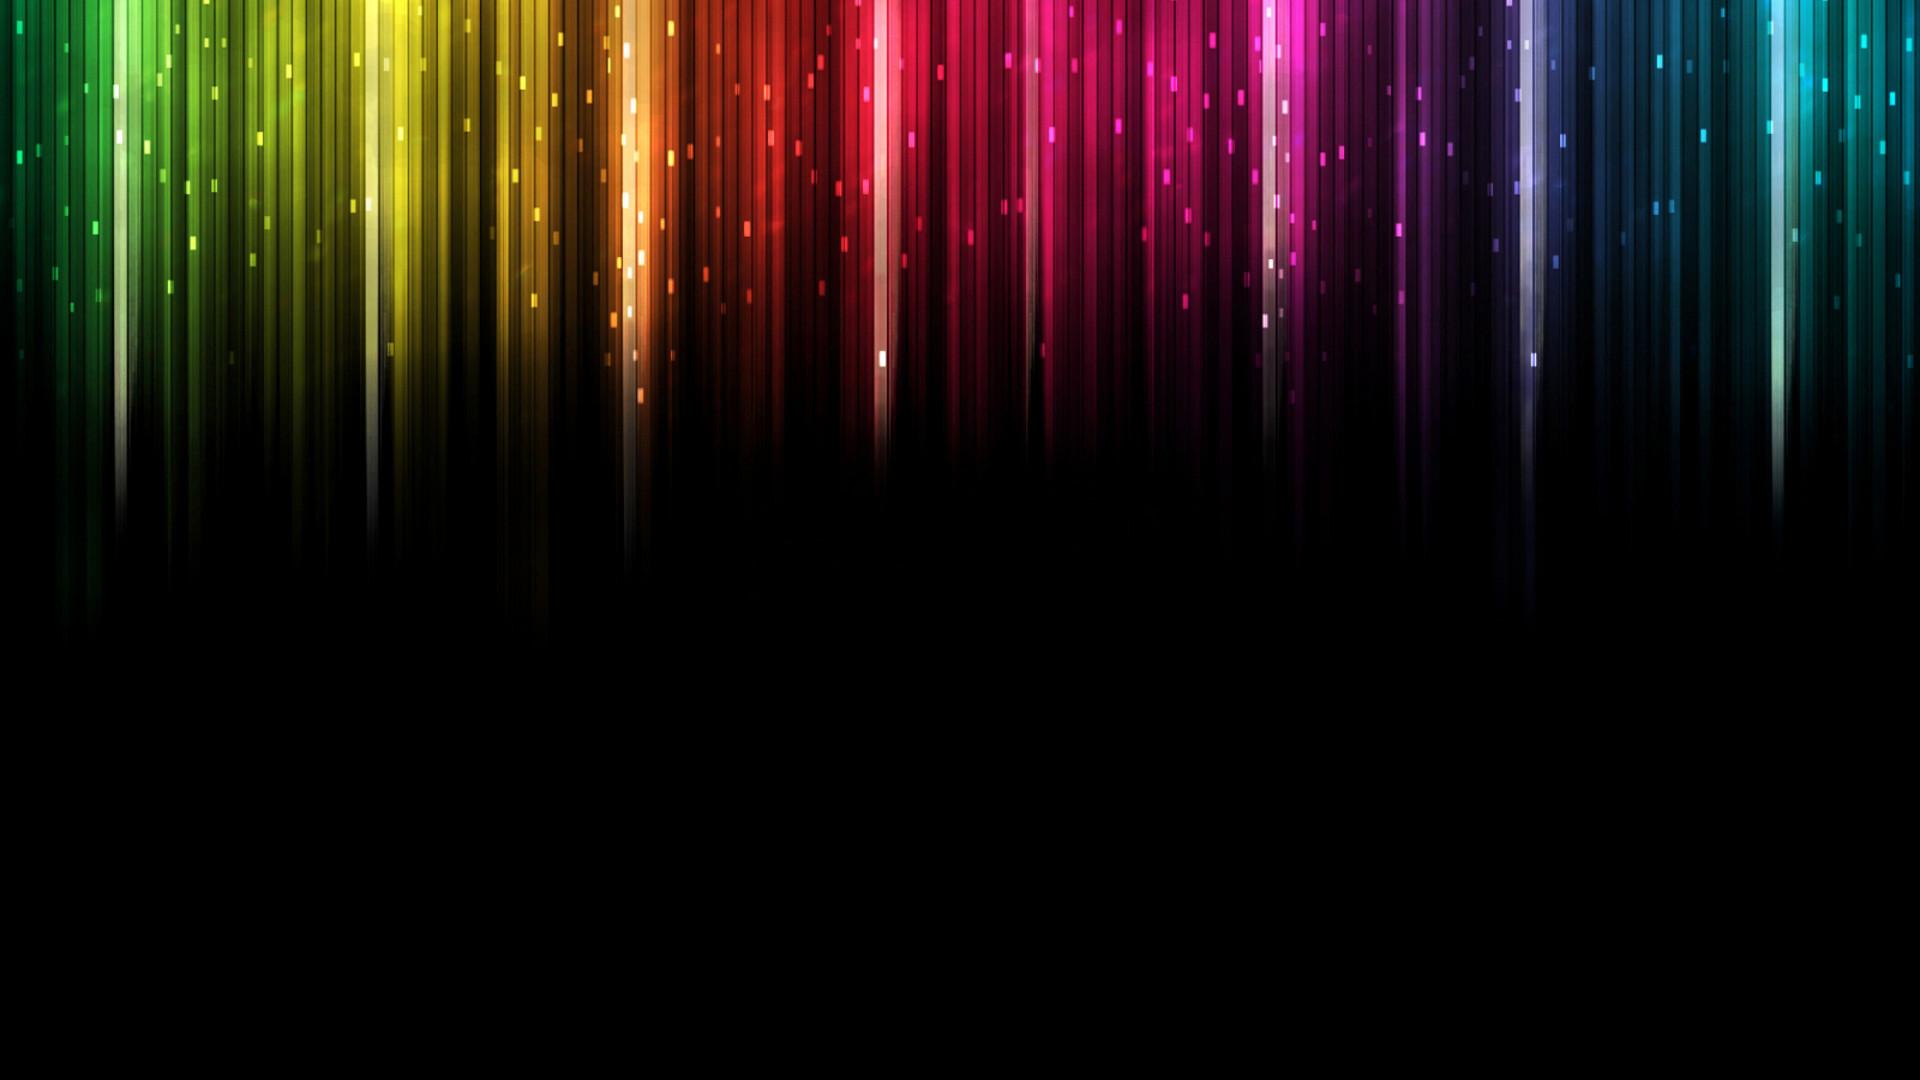 Güzel HD resimler, en güzel hd resimler, hd desktop wallpapers .